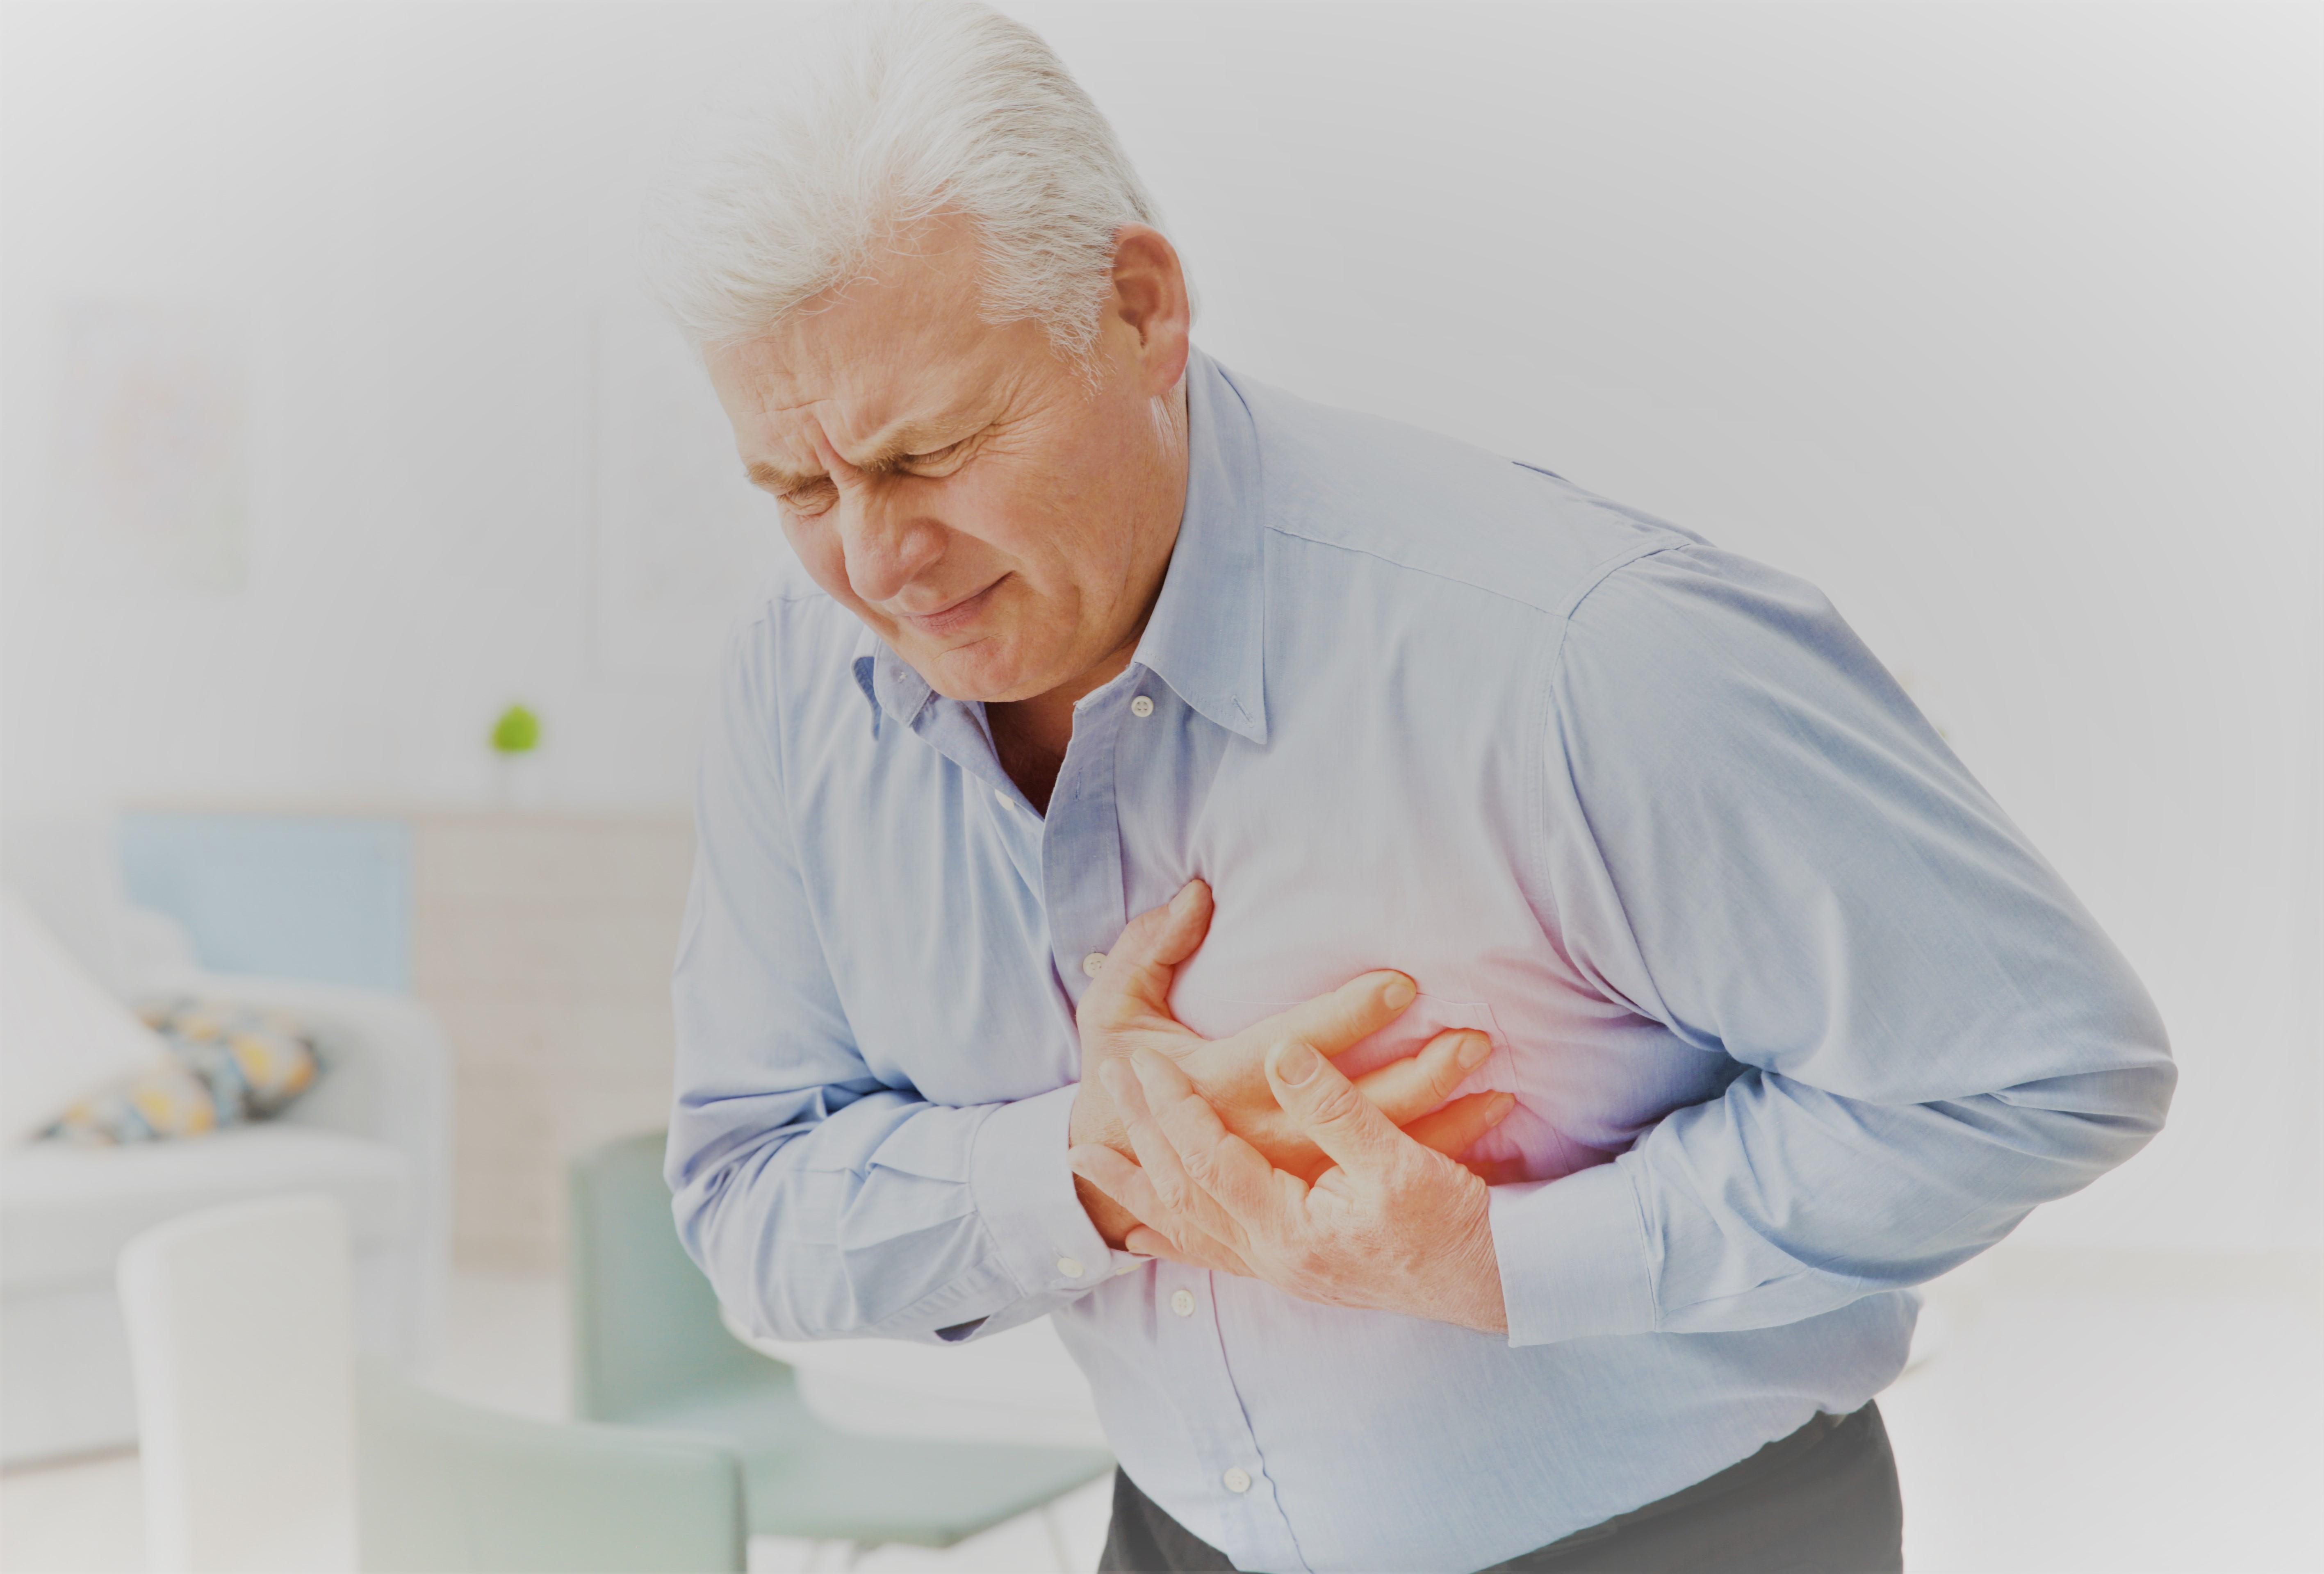 fájdalom az alsó hátán és az ízületekben, miközben feláll